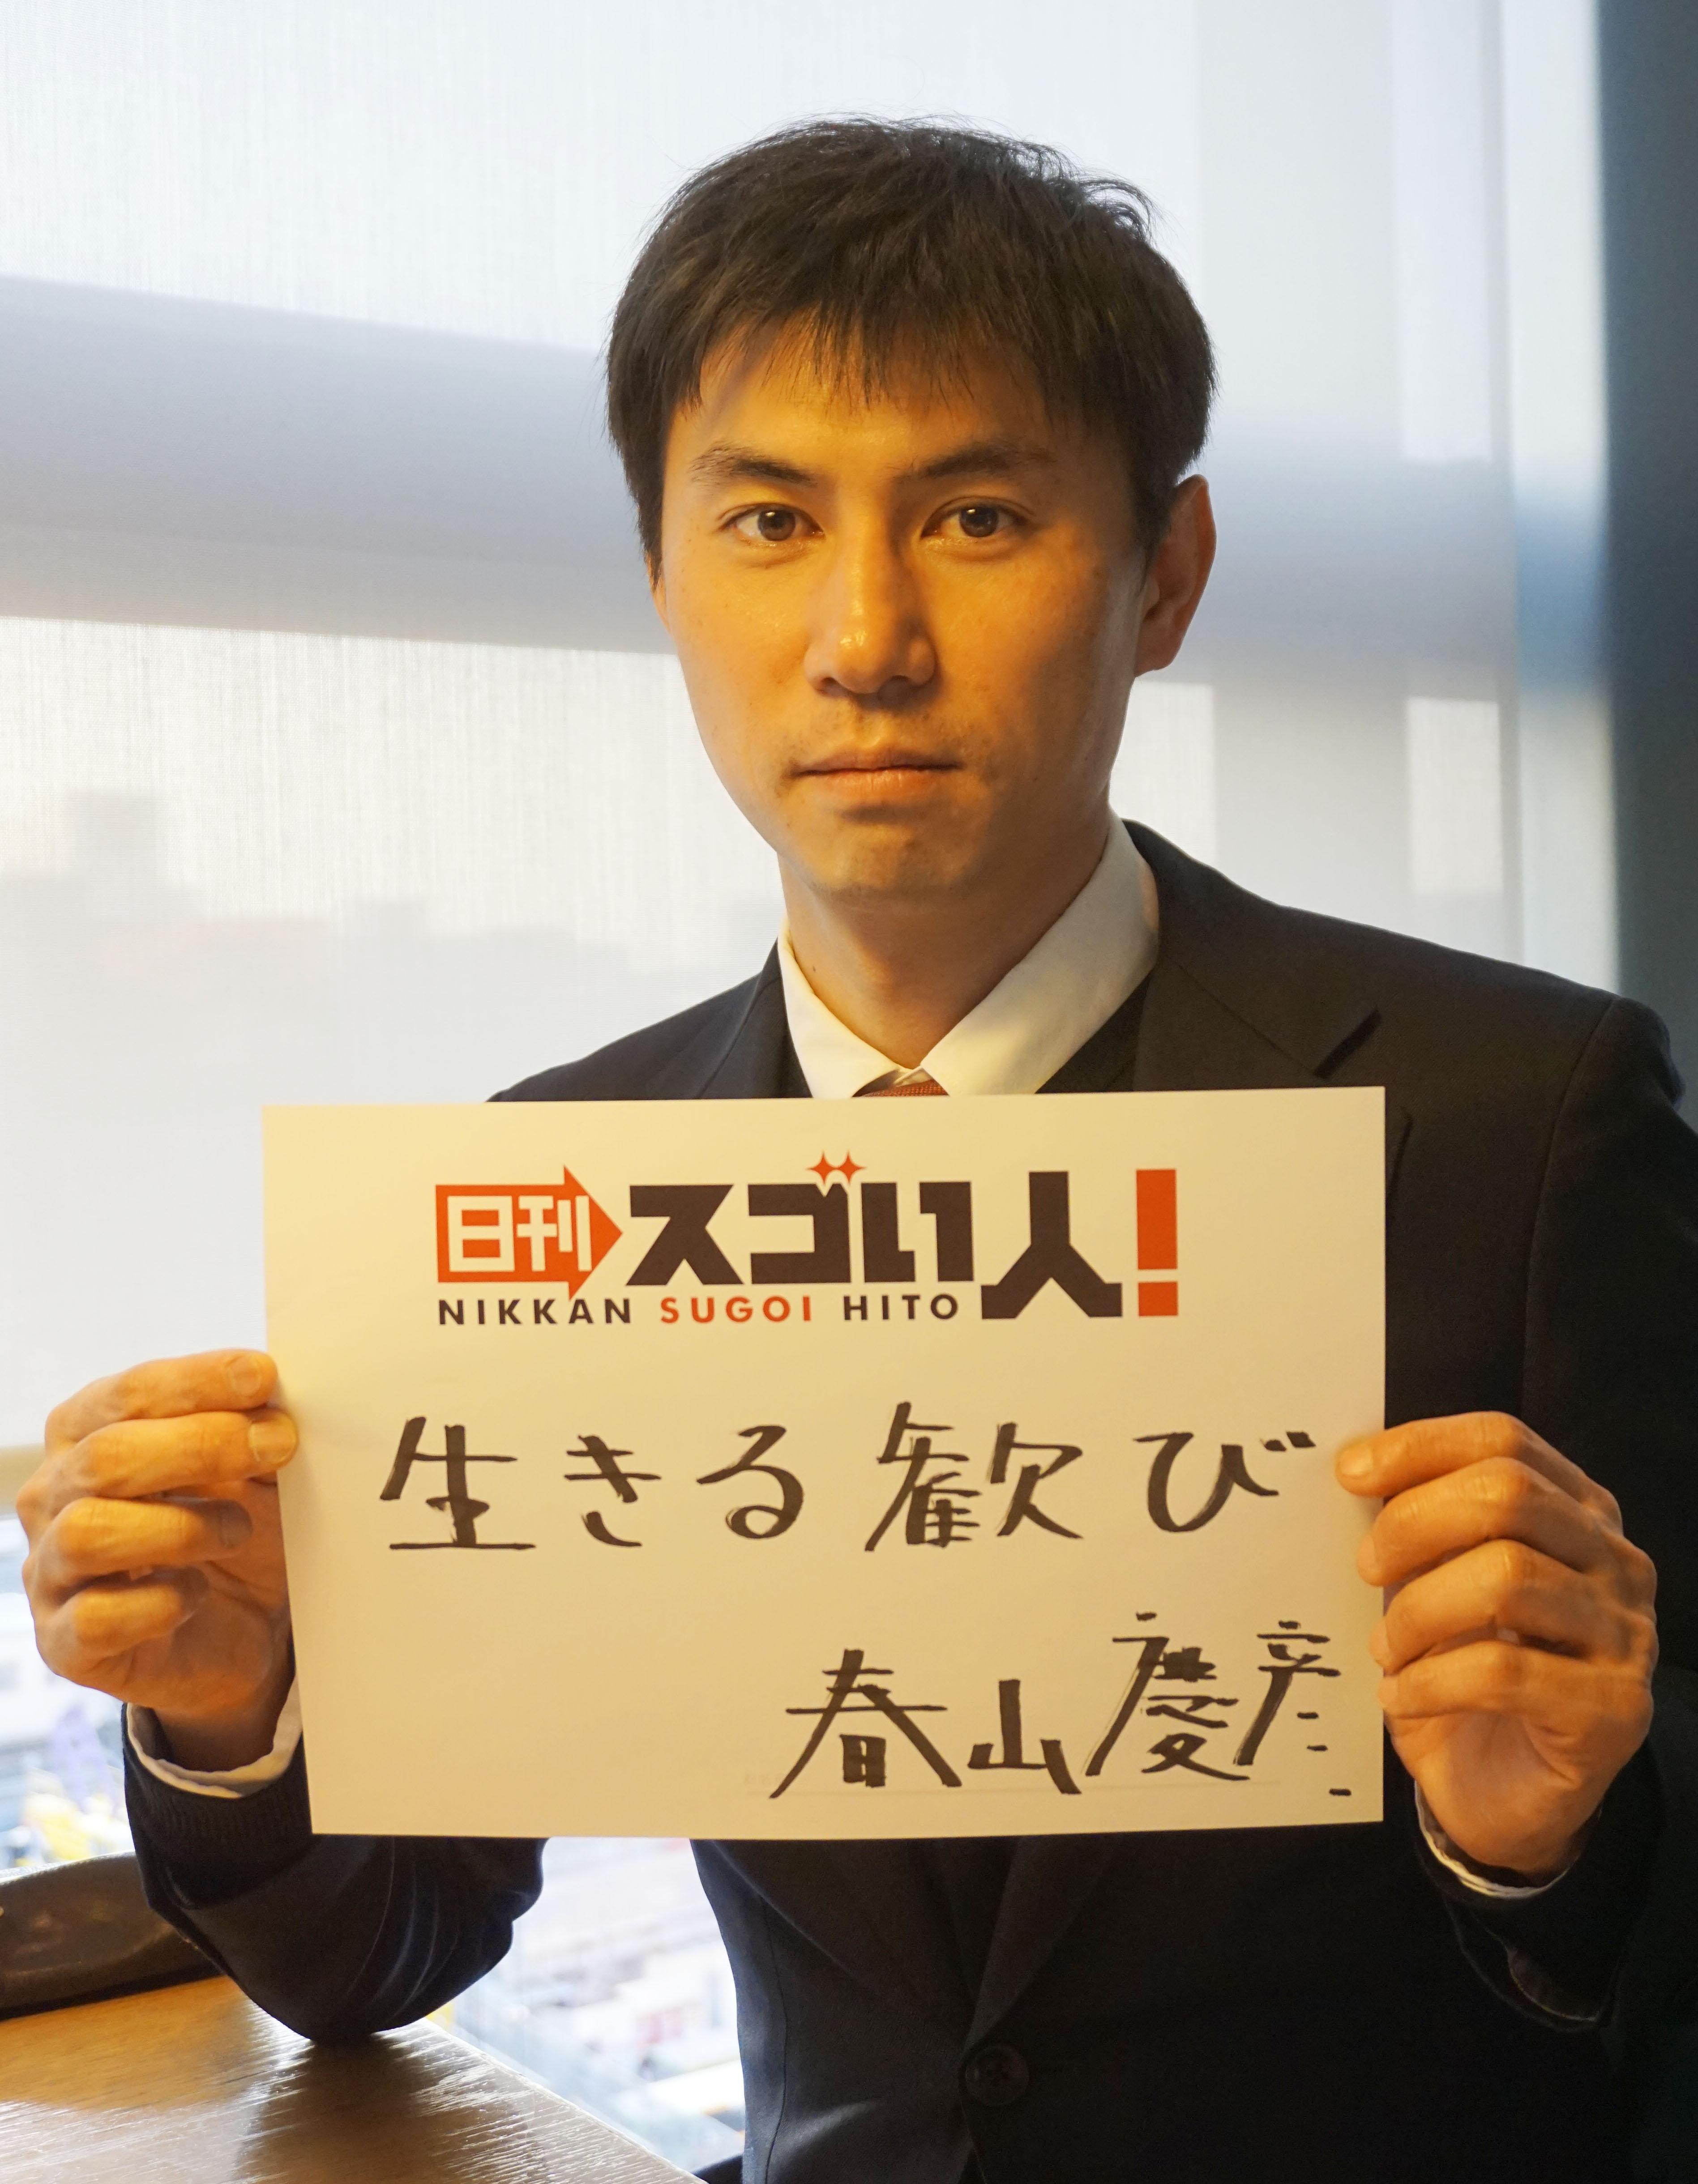 日本最大の登山・アウトドアコミュニティ「YAMAP」を生み出したスゴい人!